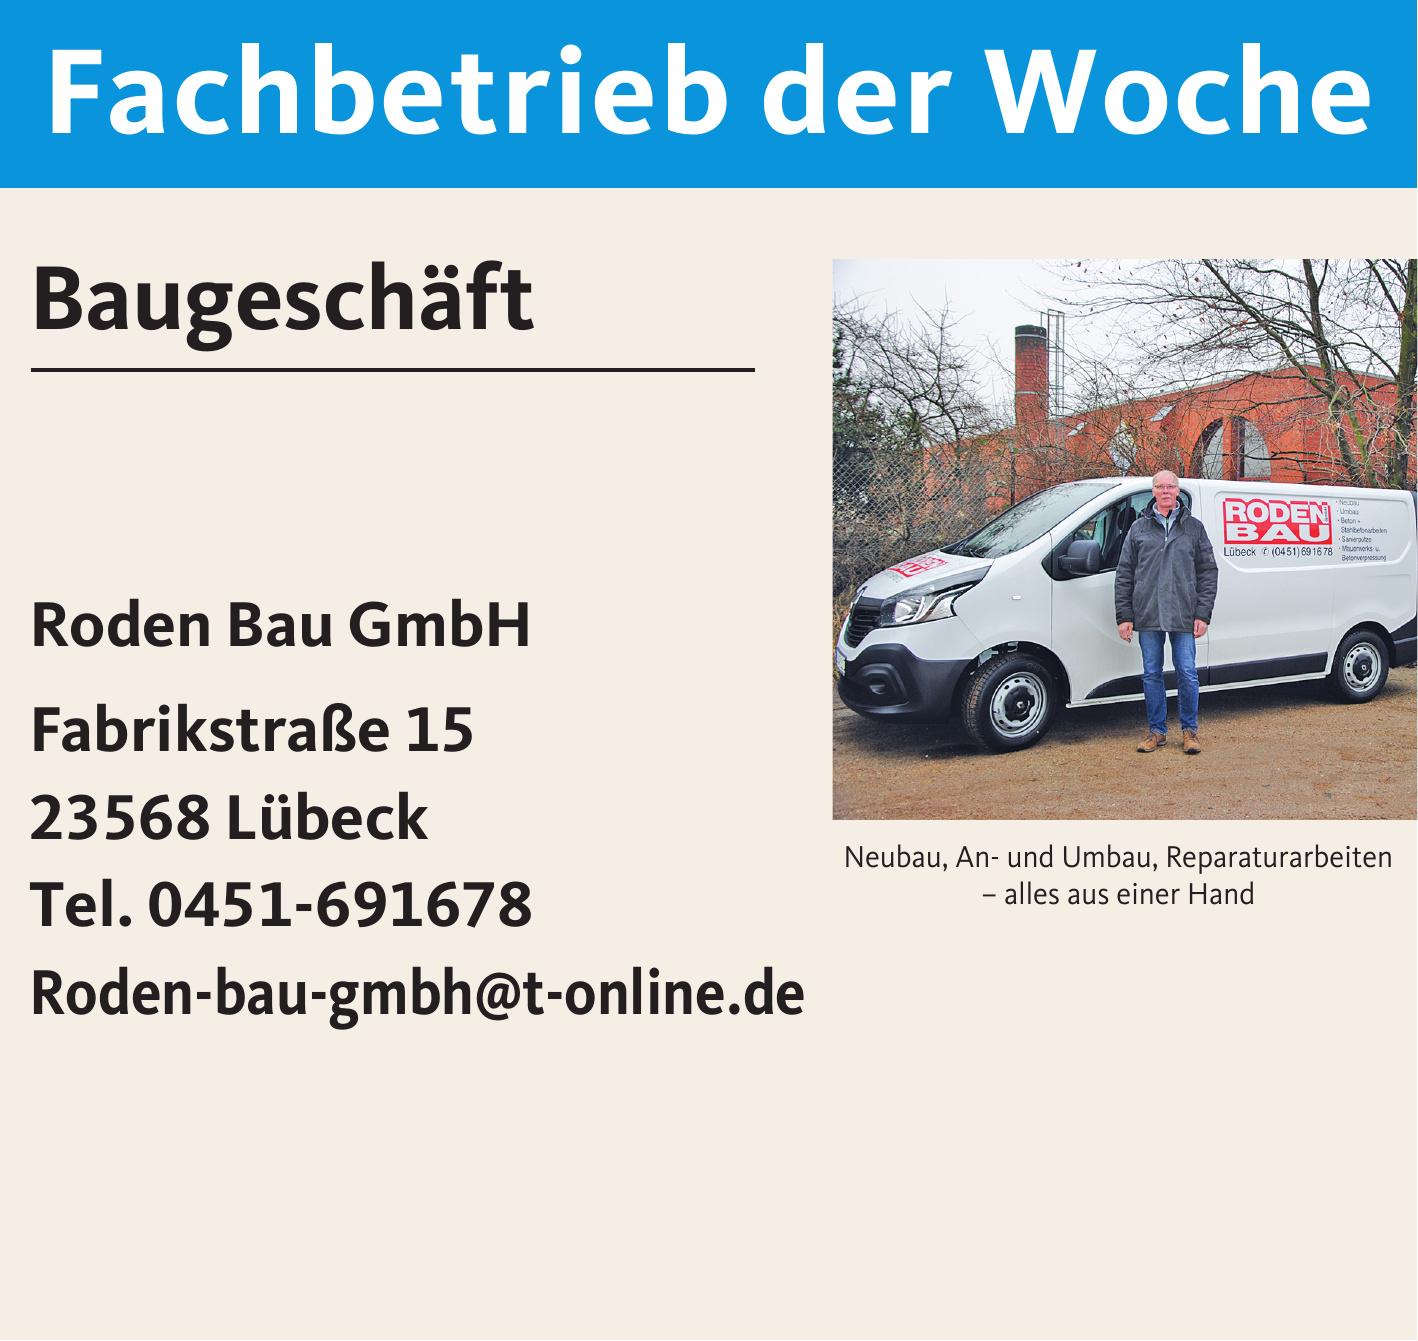 Roden Bau GmbH